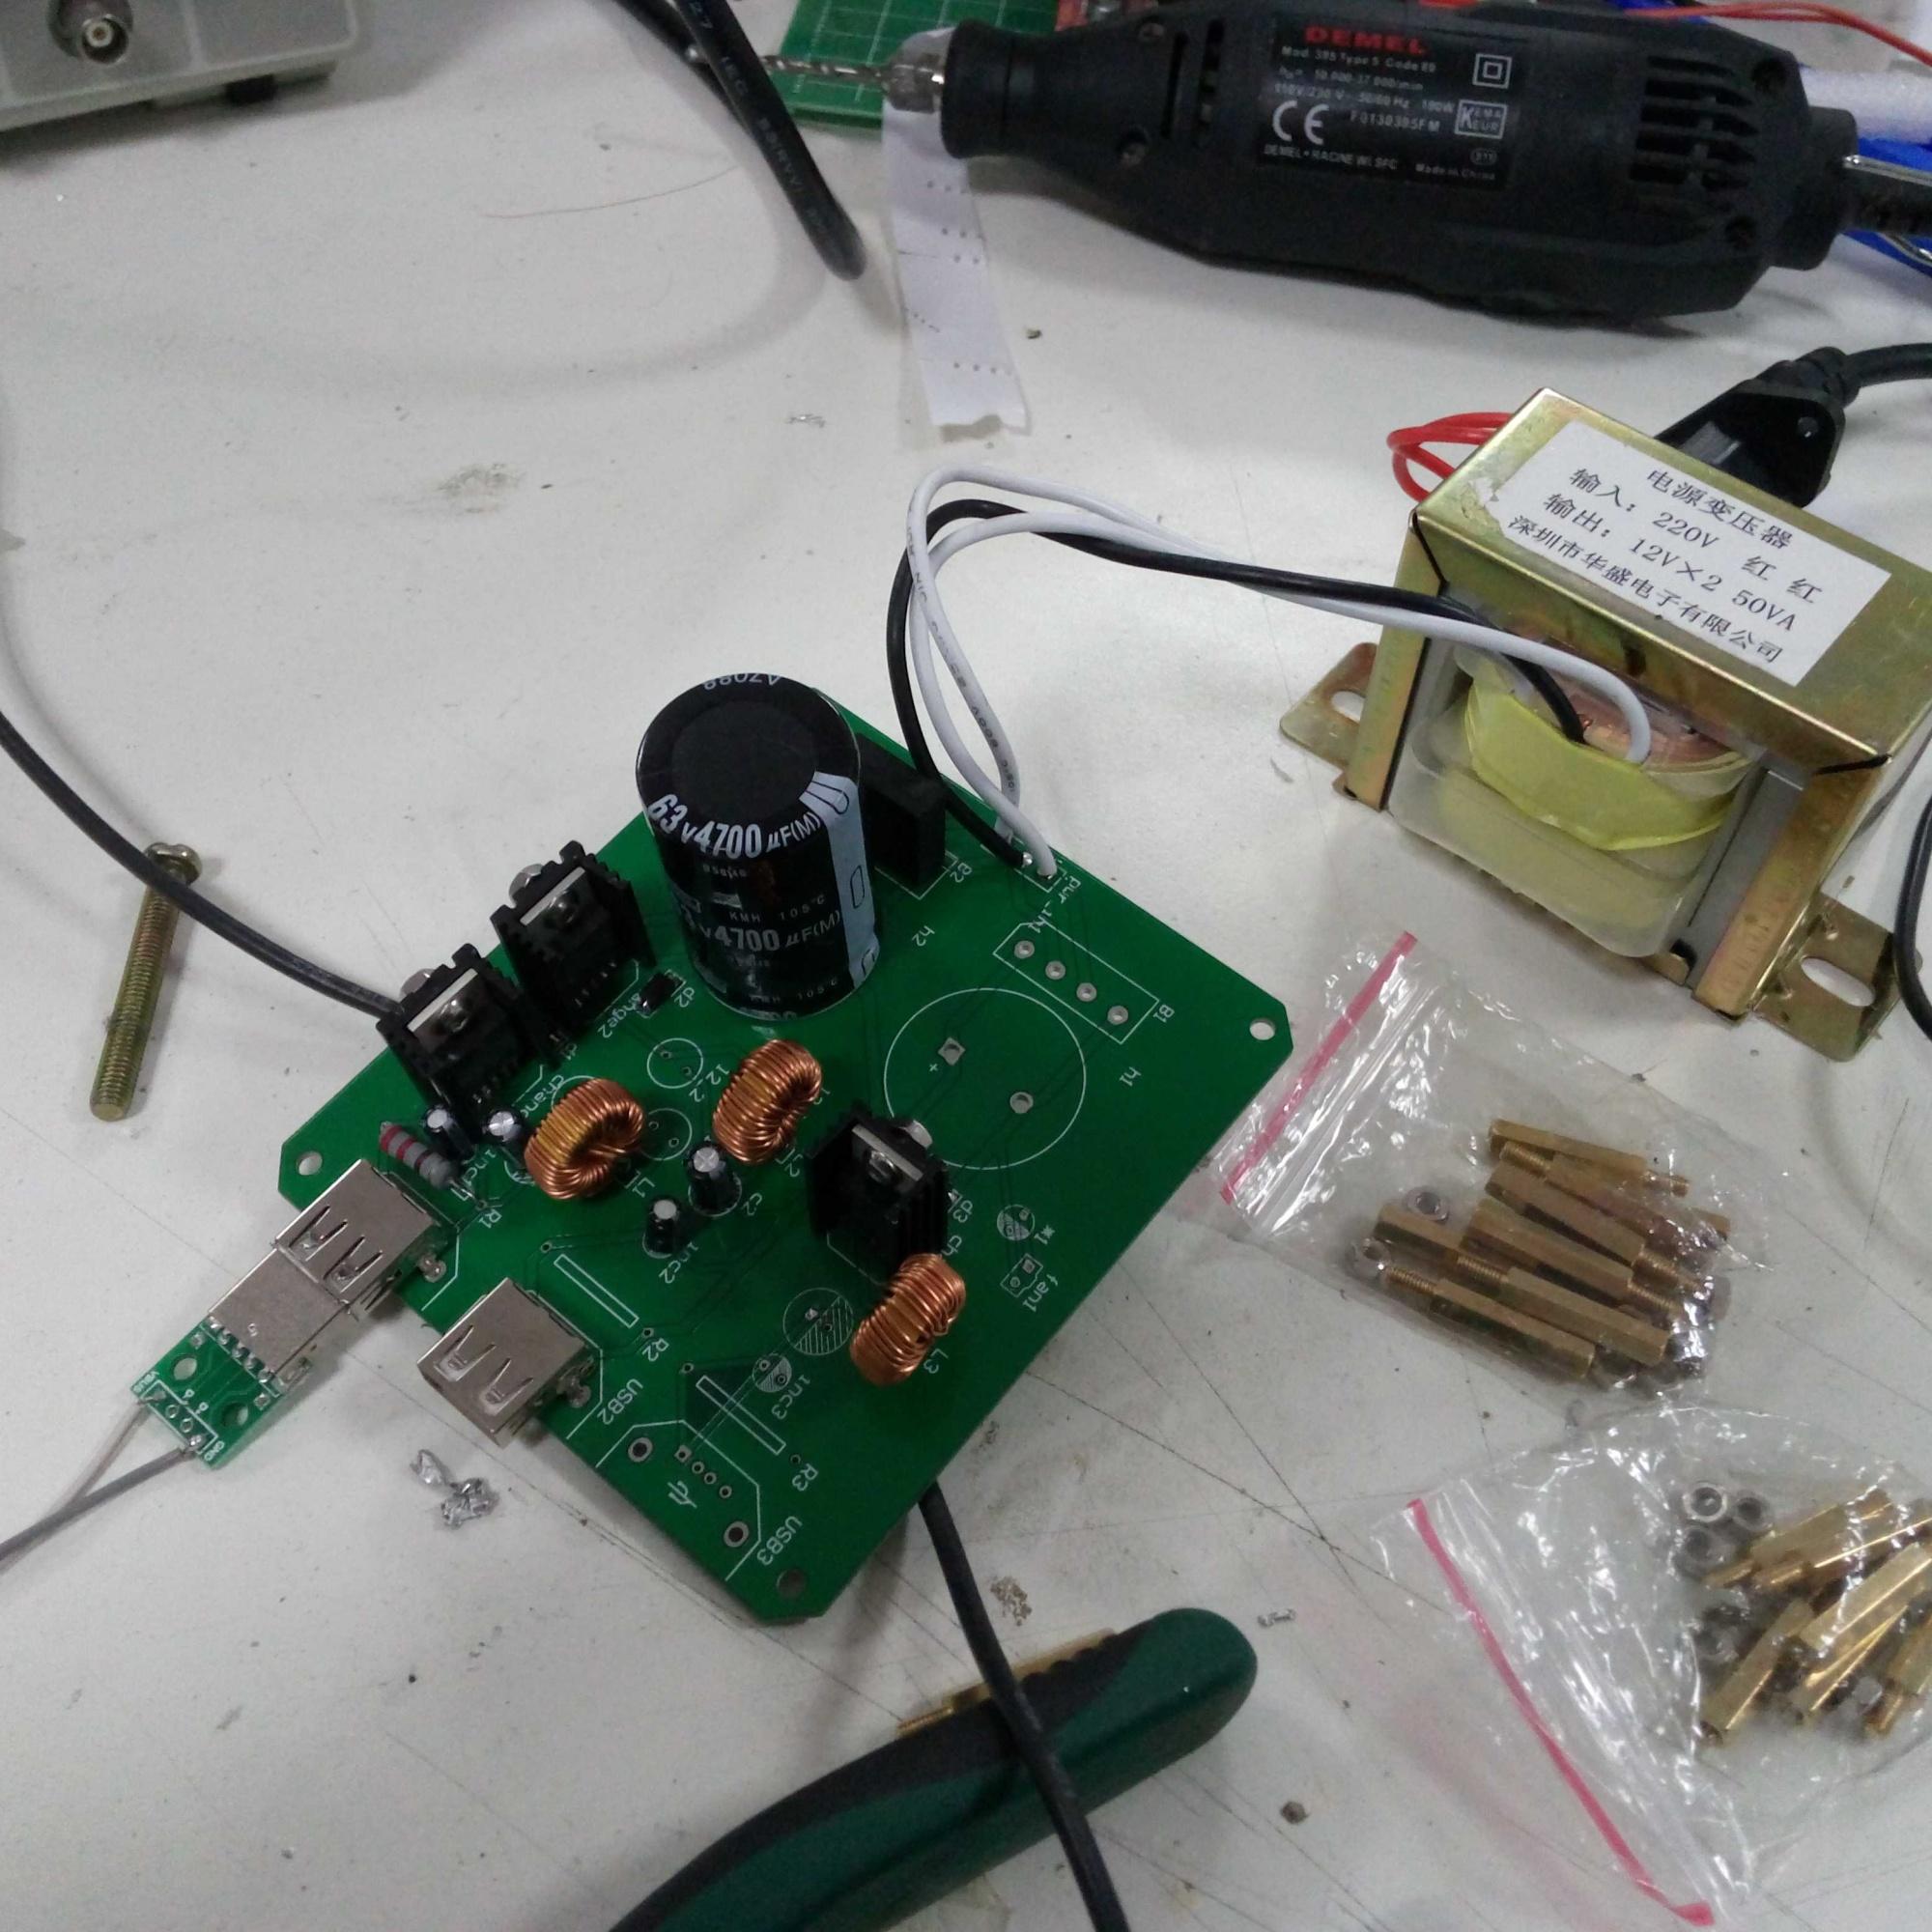 lm2596输出锯齿波求助 - 电路设计论坛 - 中国电子